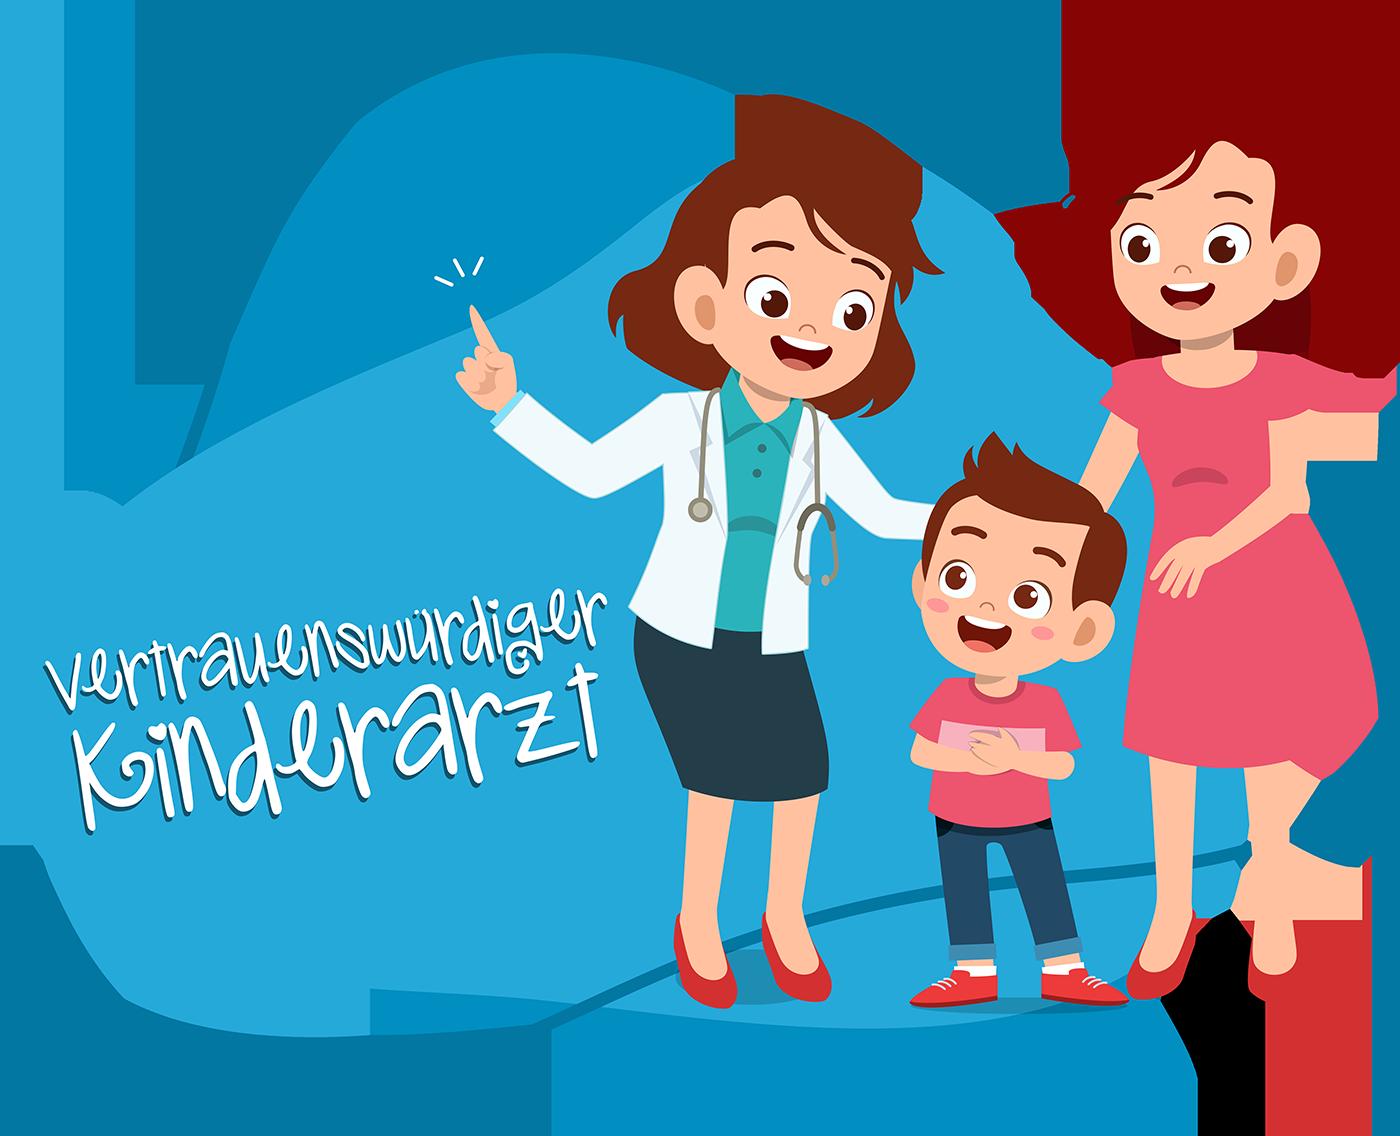 Vertrauenswürdiger Kinderarzt